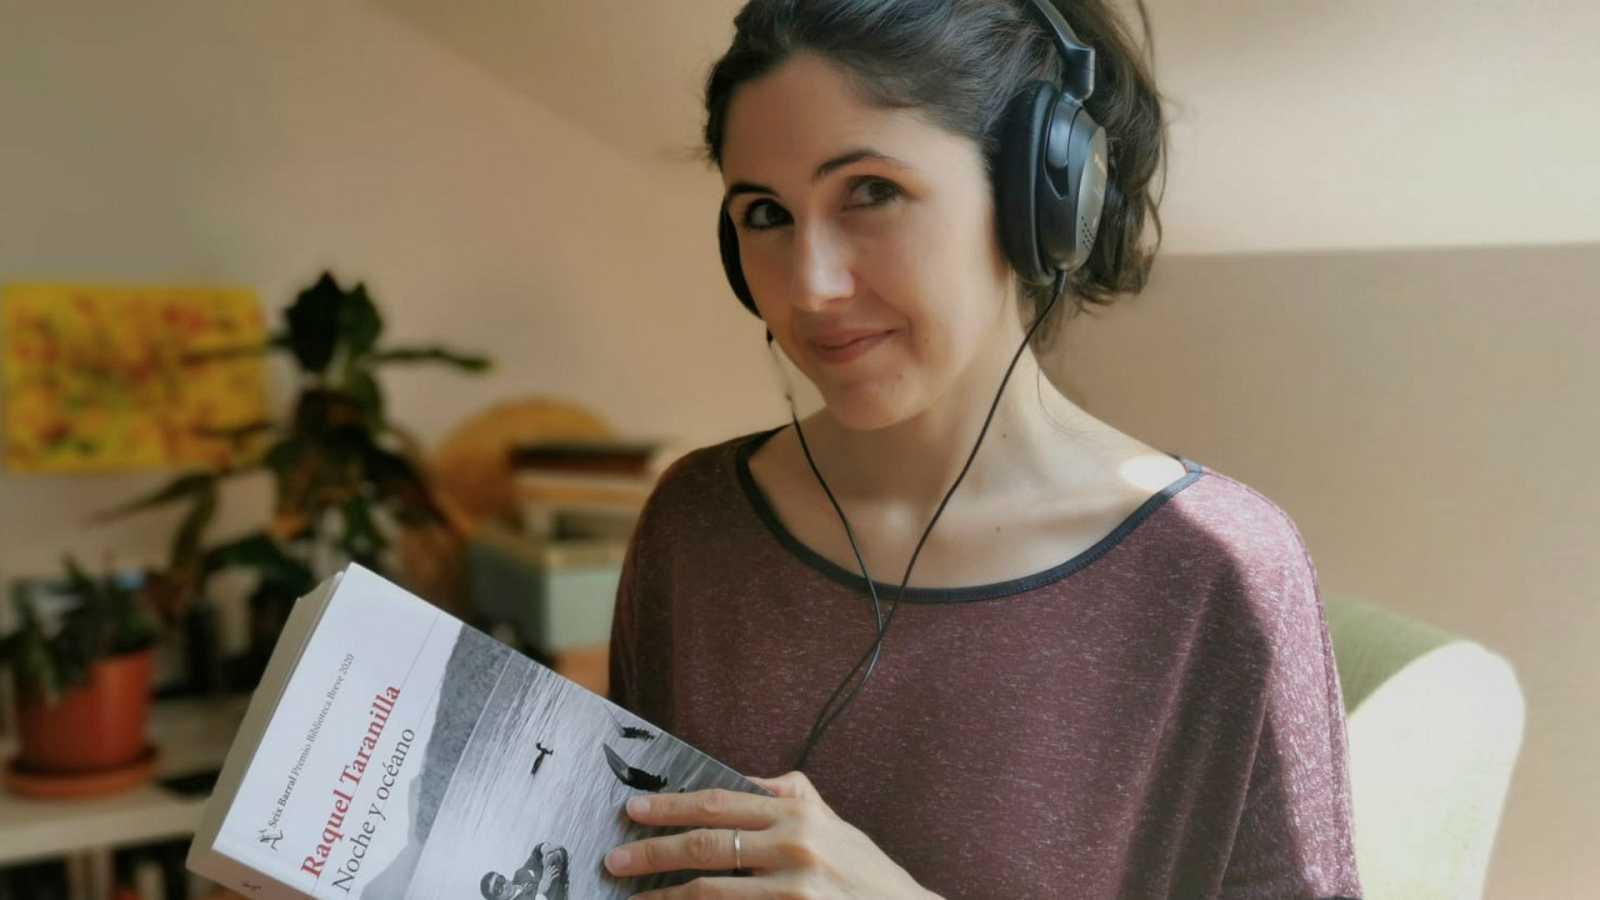 Diálogo y espejo - Raquel Taranilla: 'Todos somos niños con las cabezas partidas' - 06/06/20 - escuchar ahora